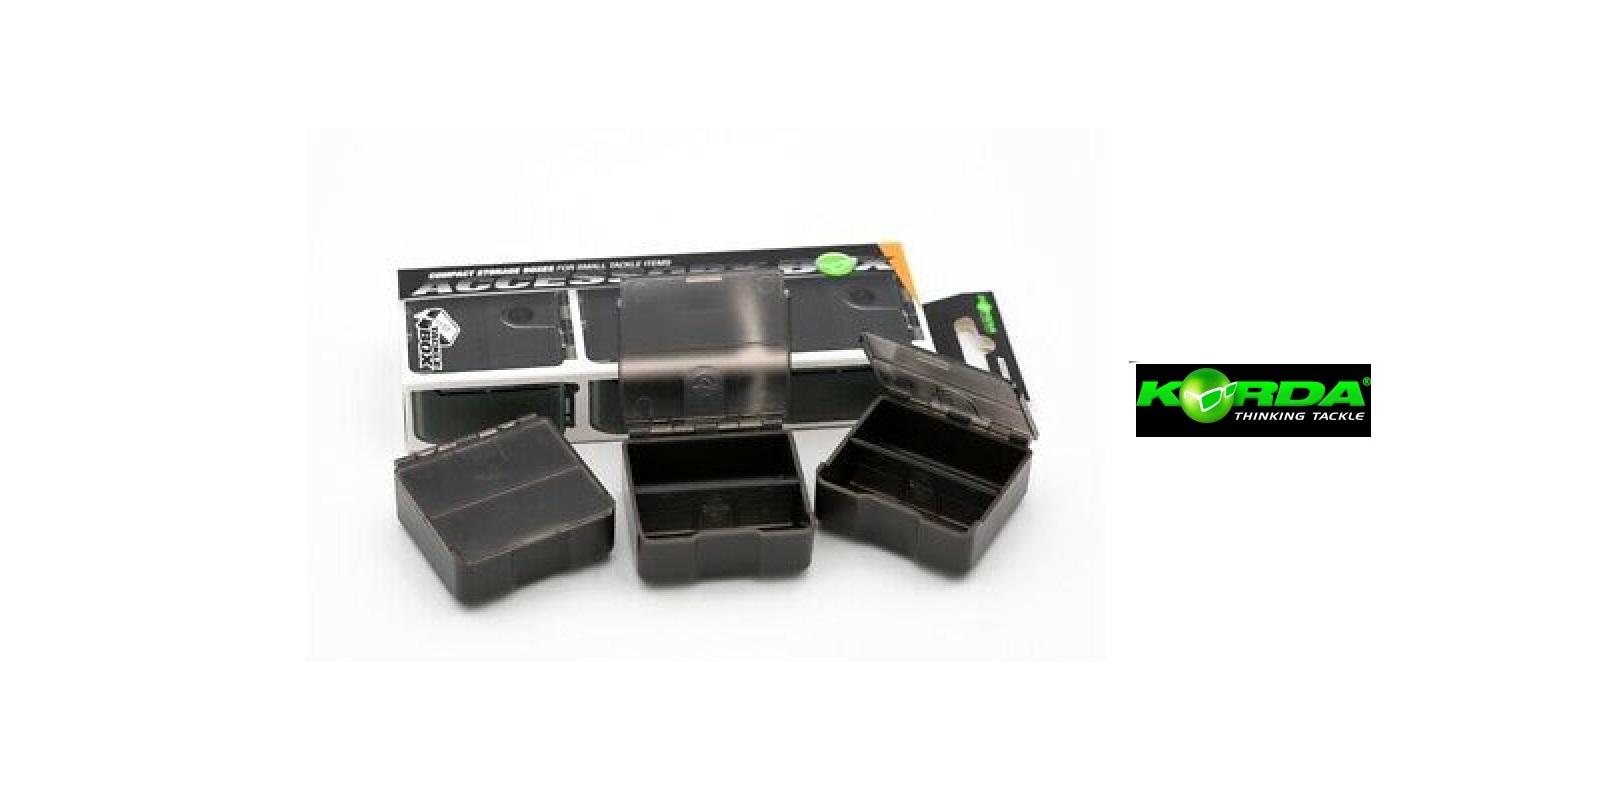 Scatola porta minuteria Accessory Box  Korda cod KBOX14